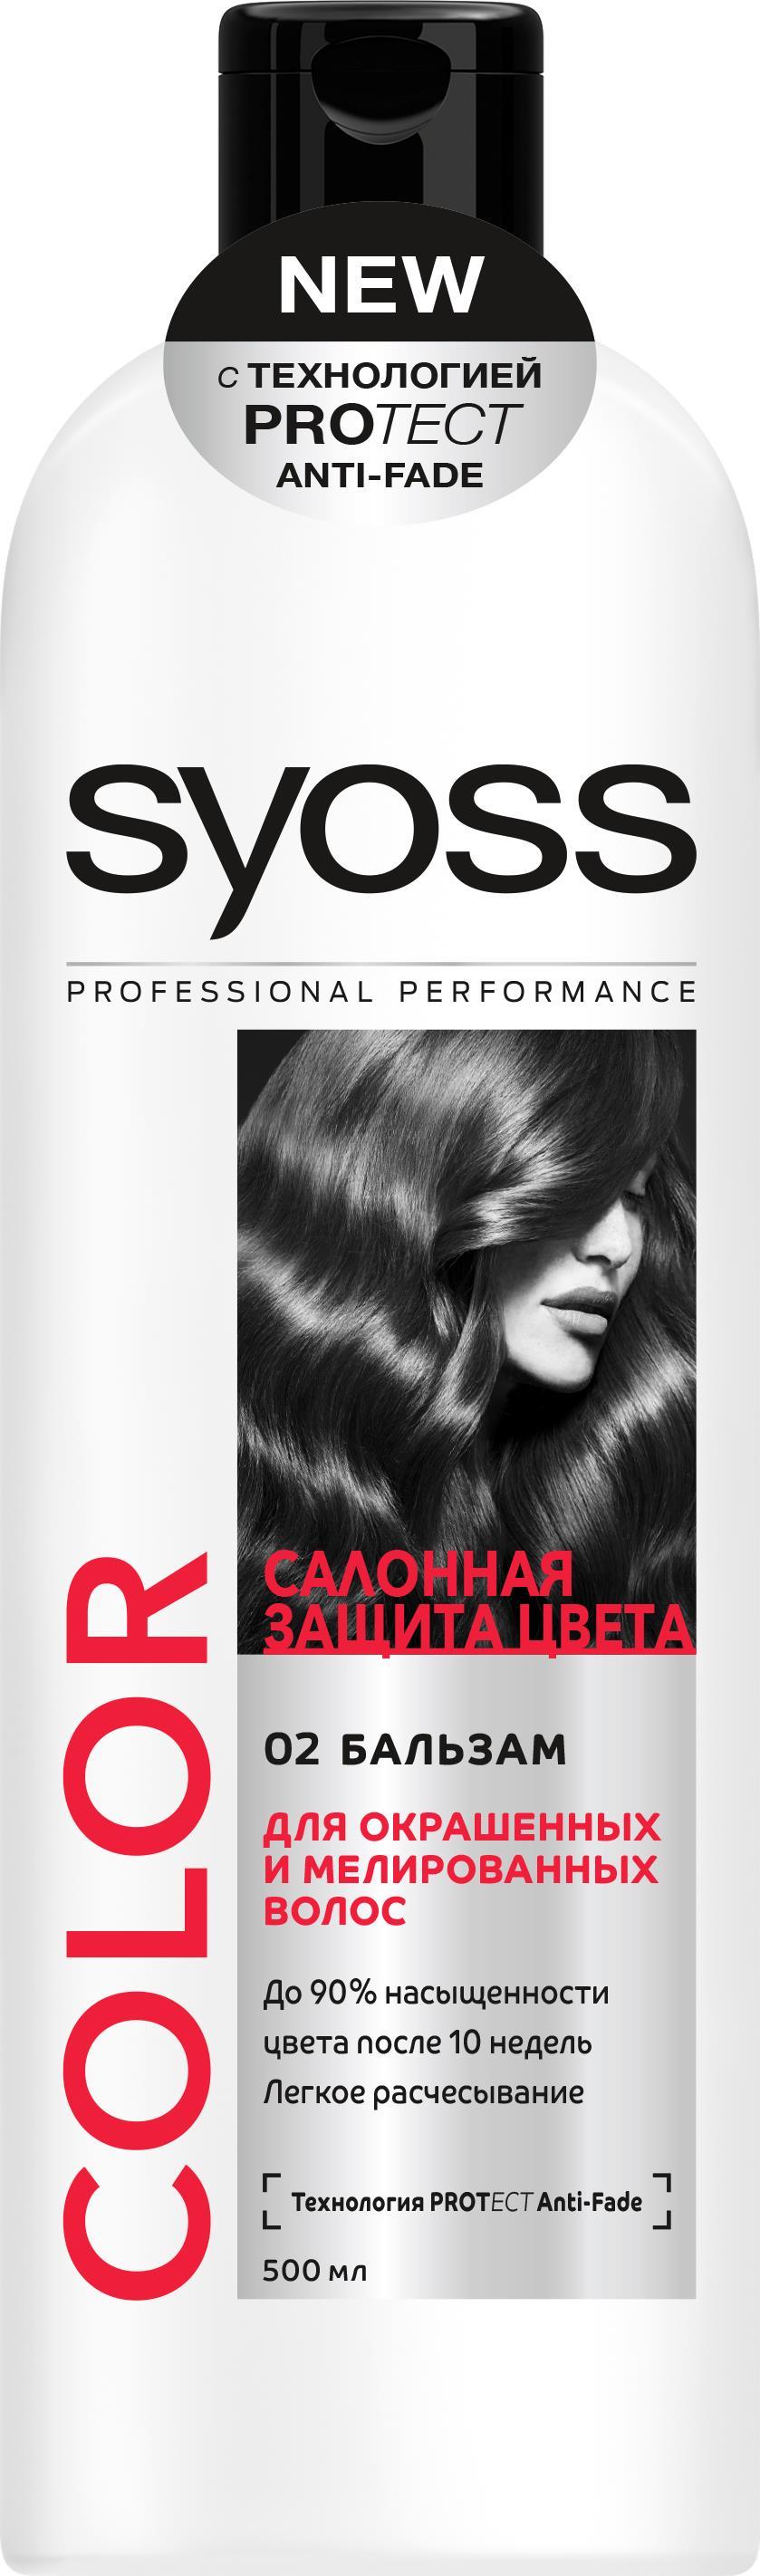 Syoss Бальзам Color Protect, для окрашенных и тонированных волос, 500 мл дайвинес средства по уходу за волосами